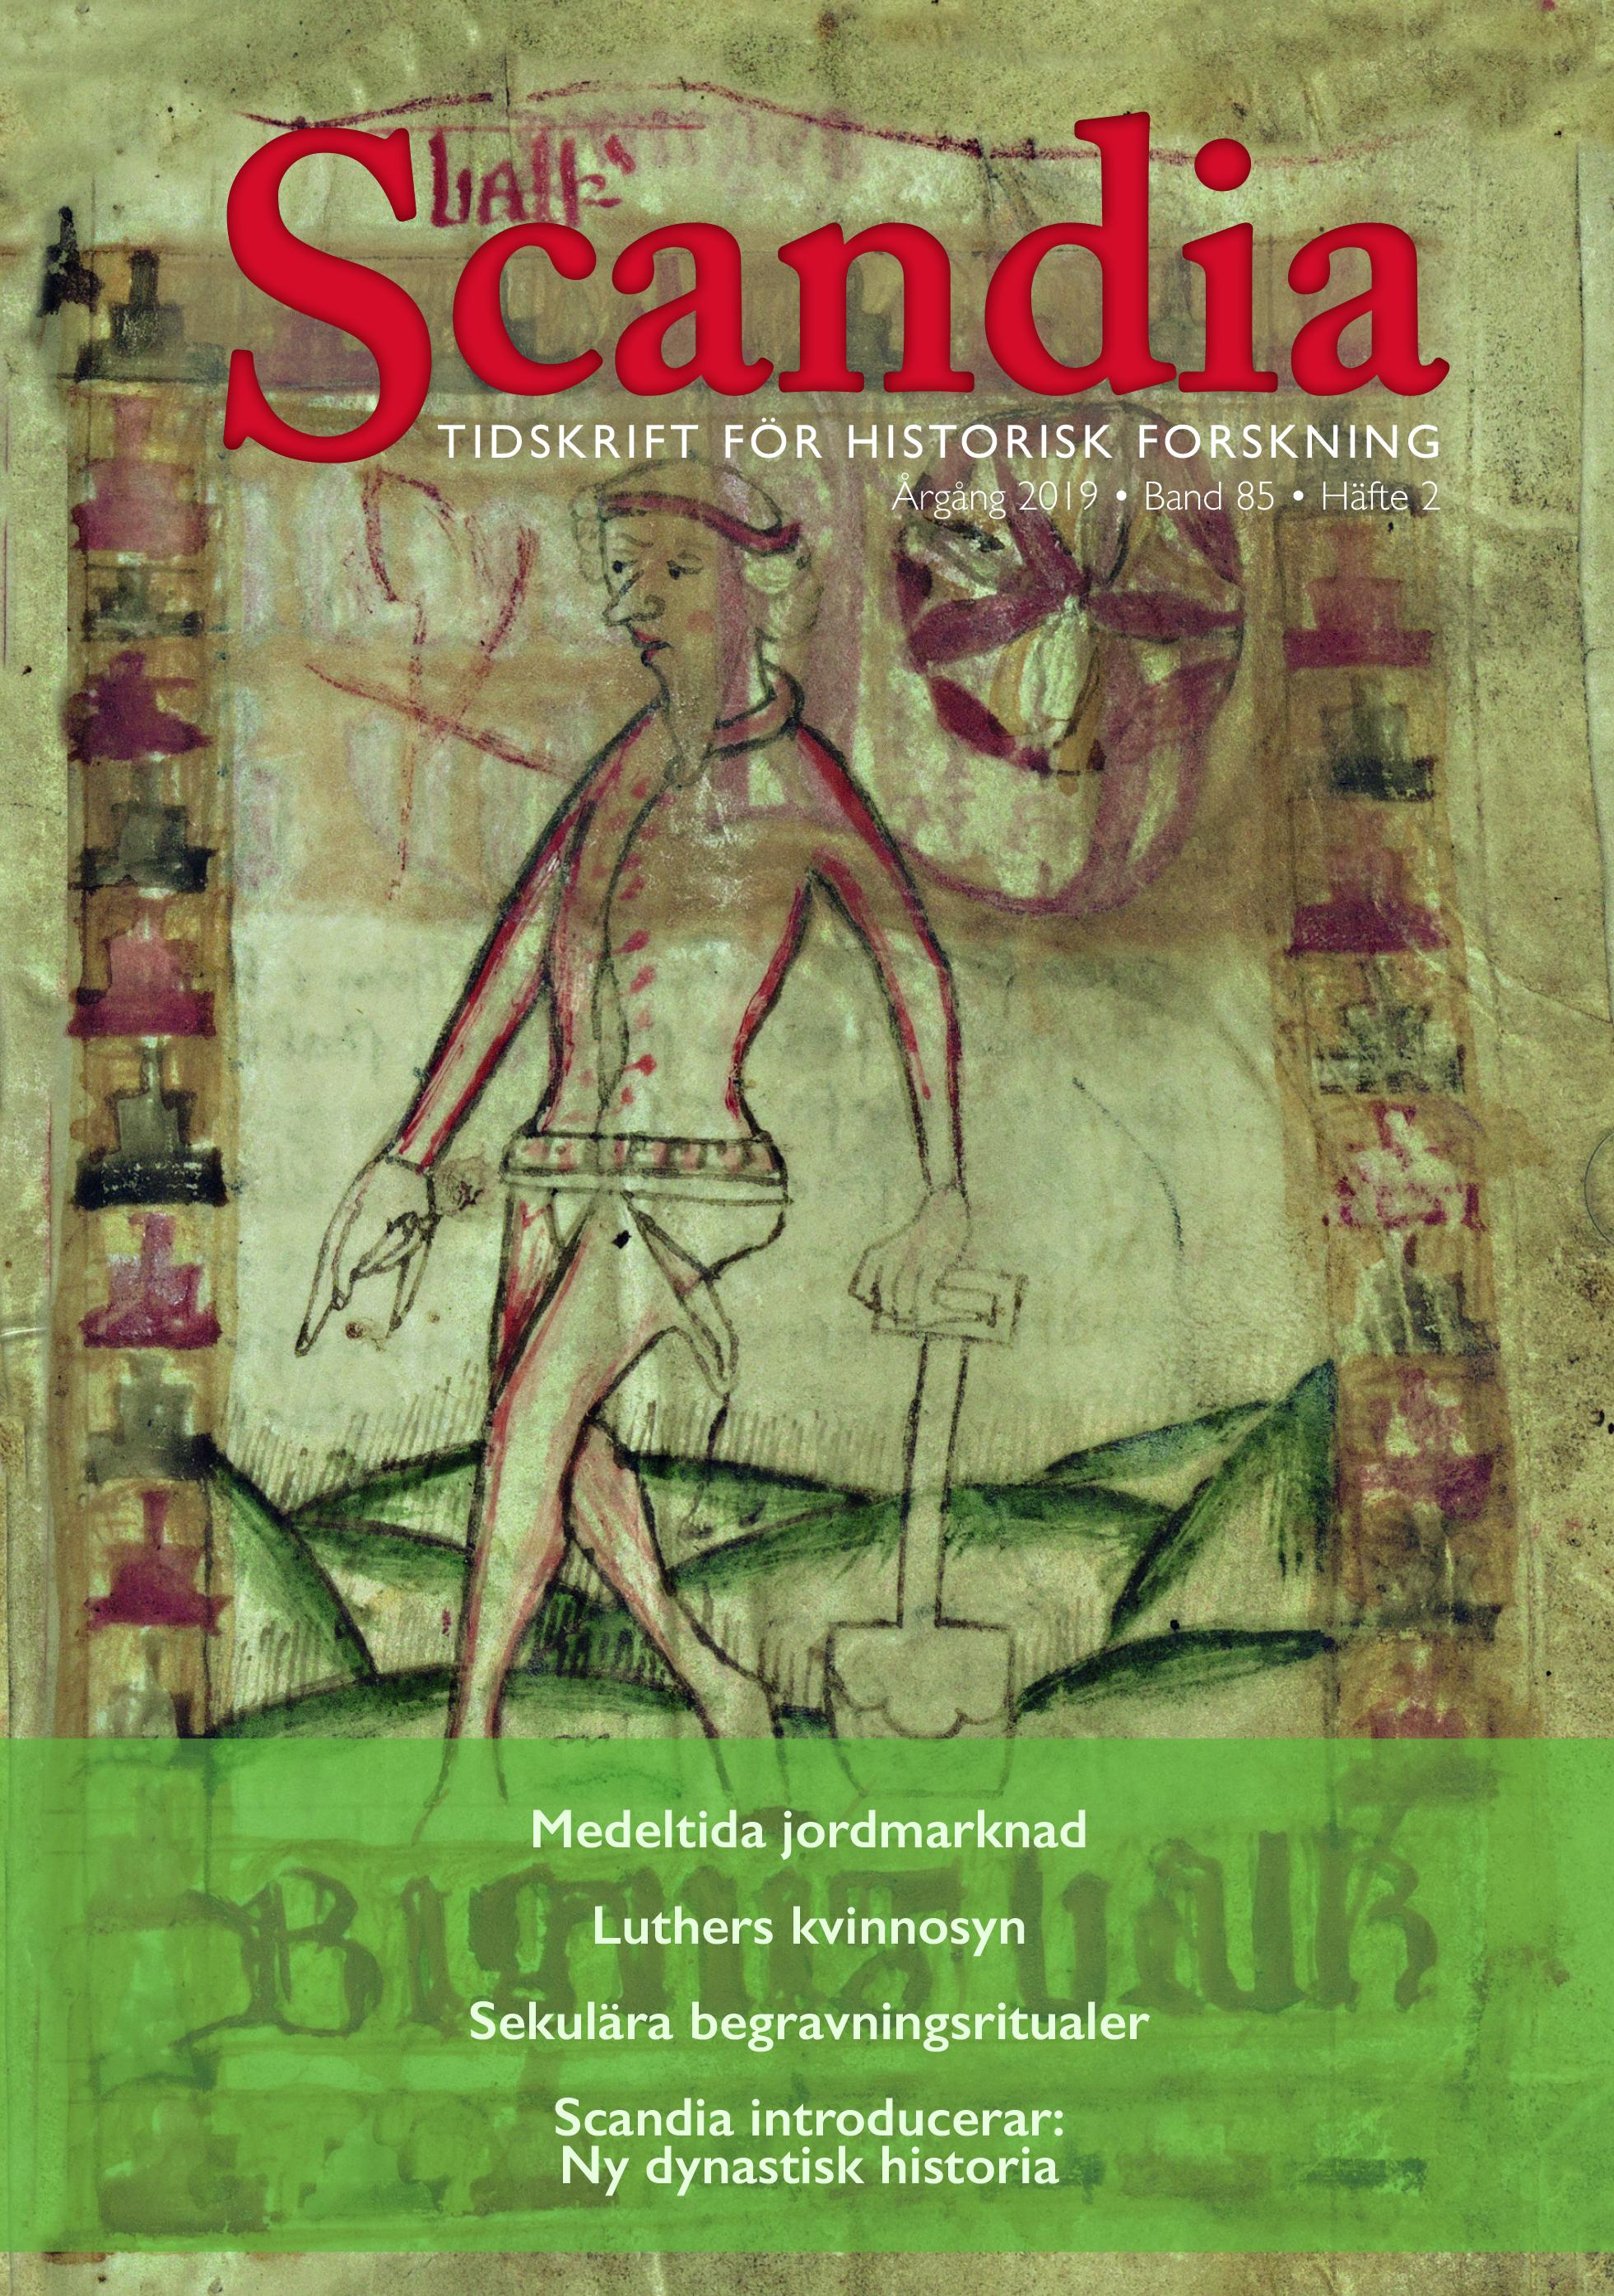 omslag till Scandia tidskrift för historisk forskning